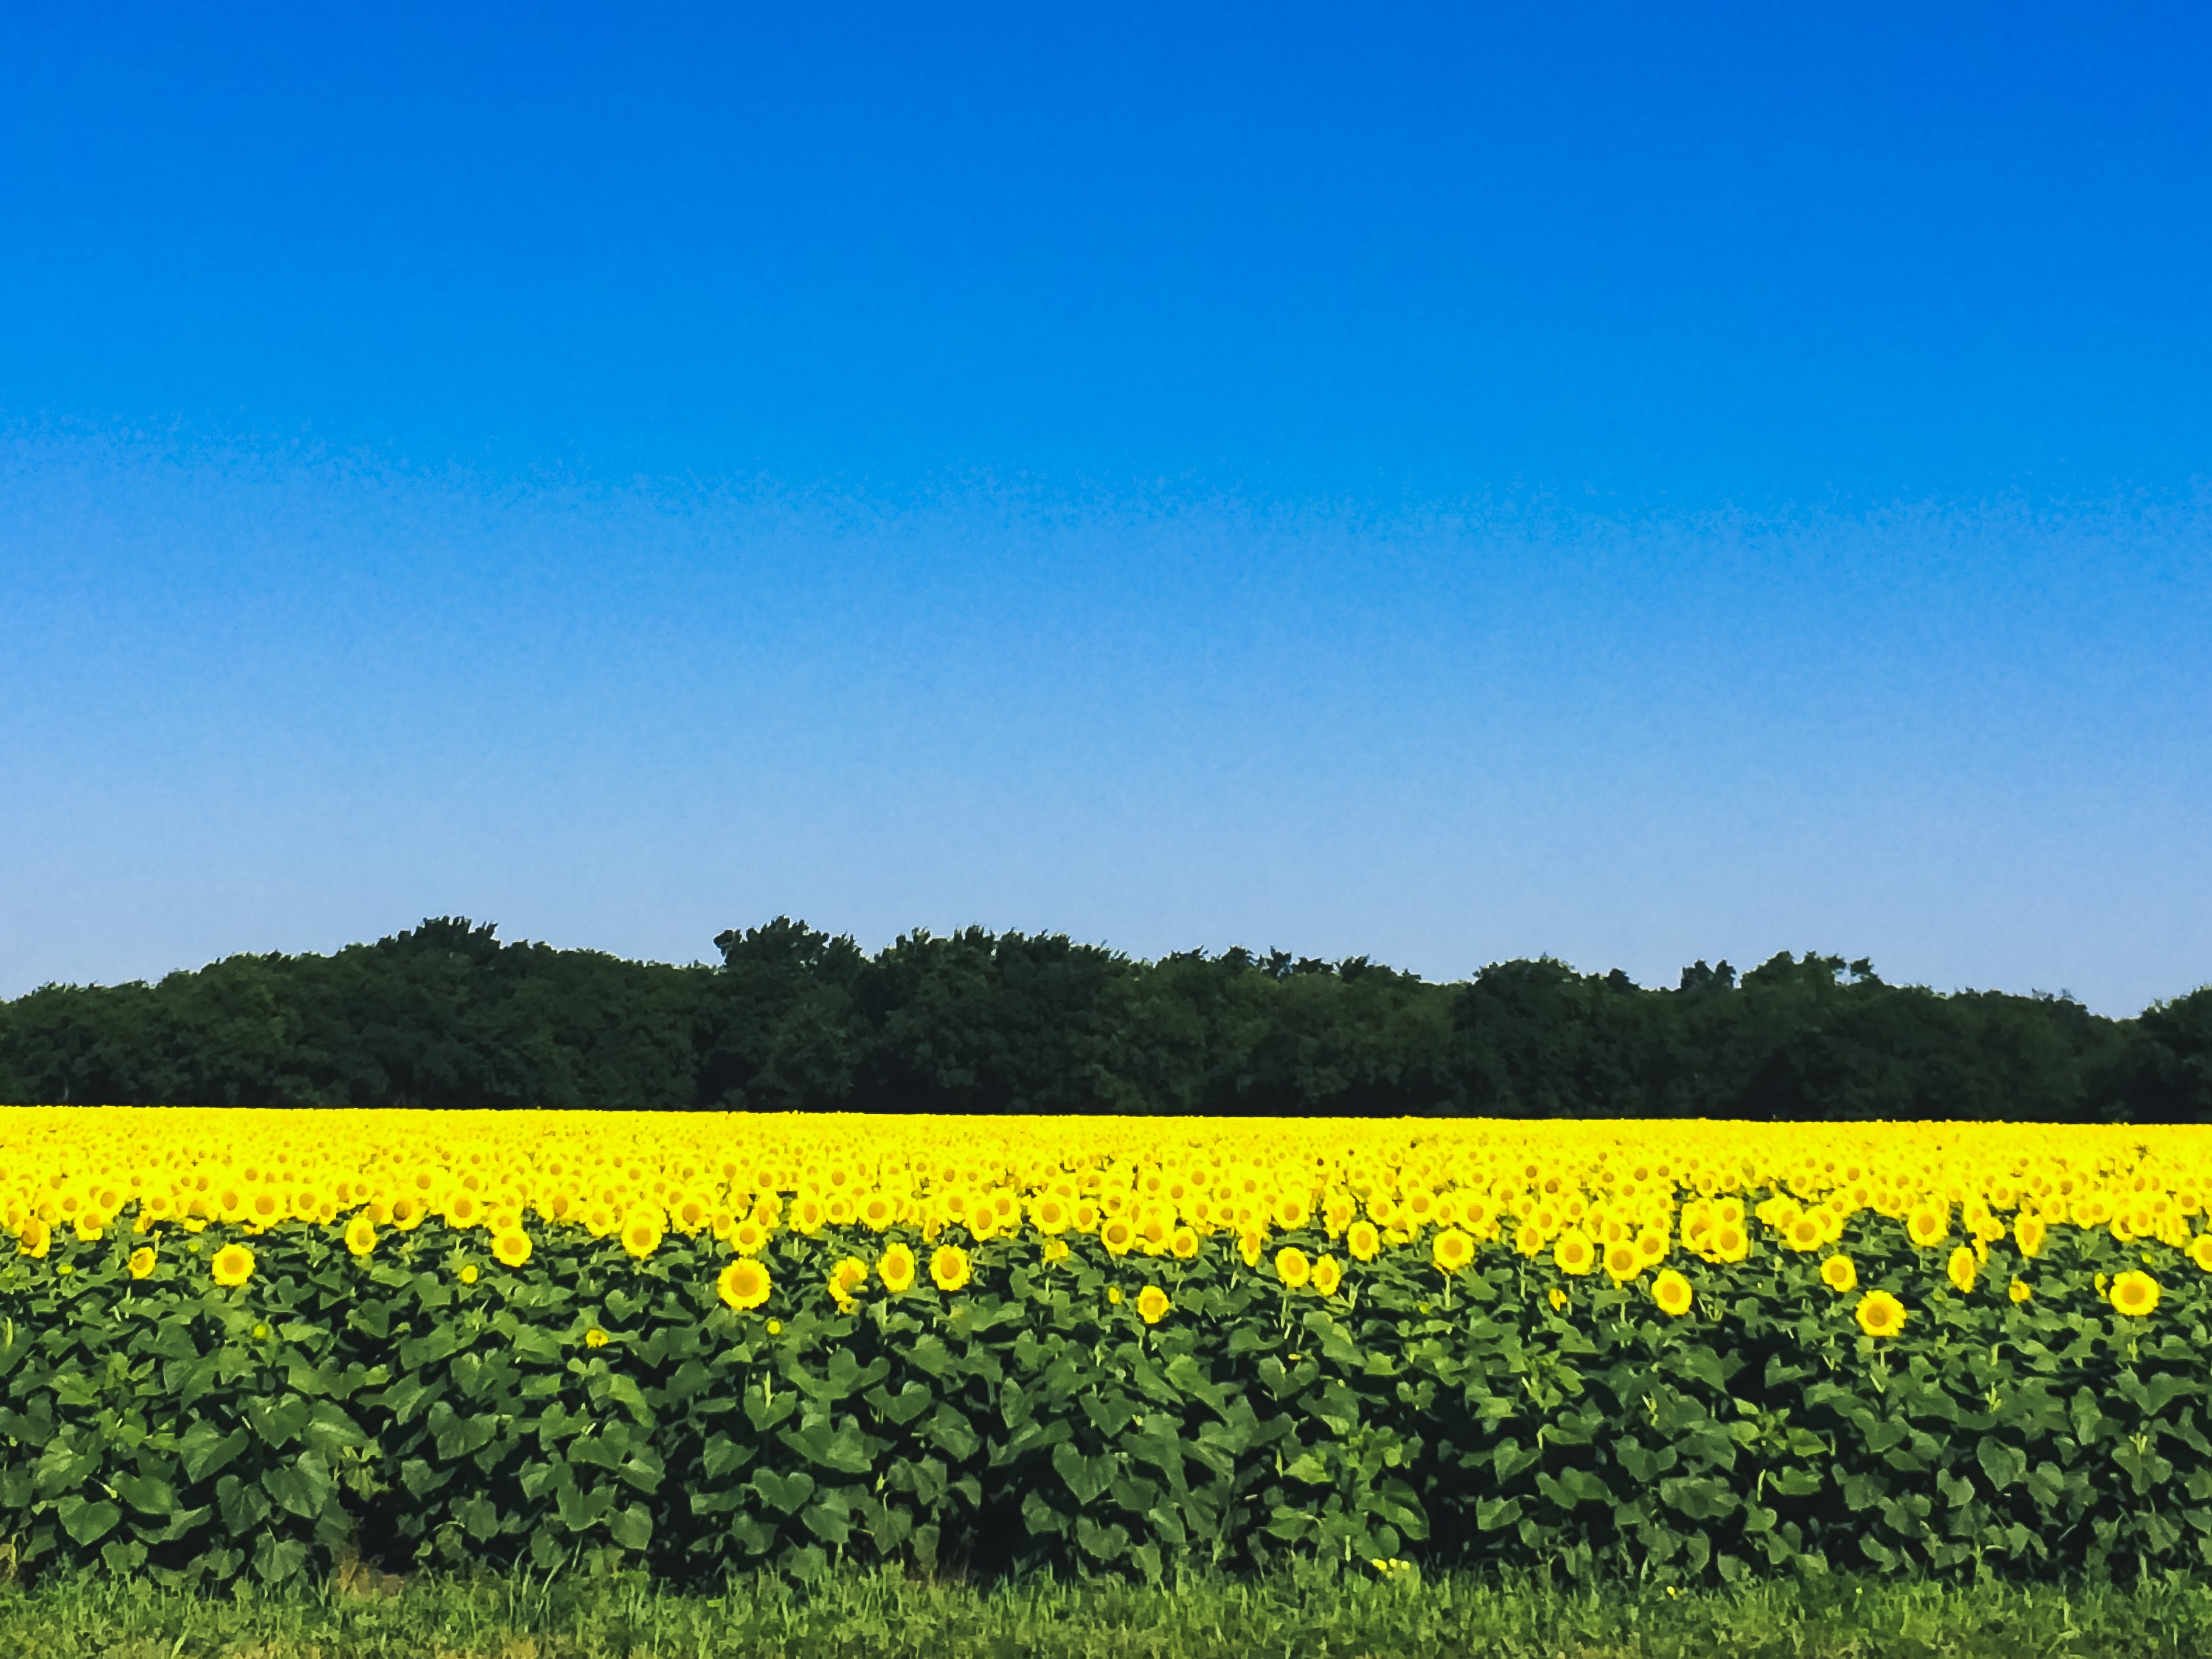 Gratis lagerfoto af afgrøder, bane, blomster, felt af solsikker